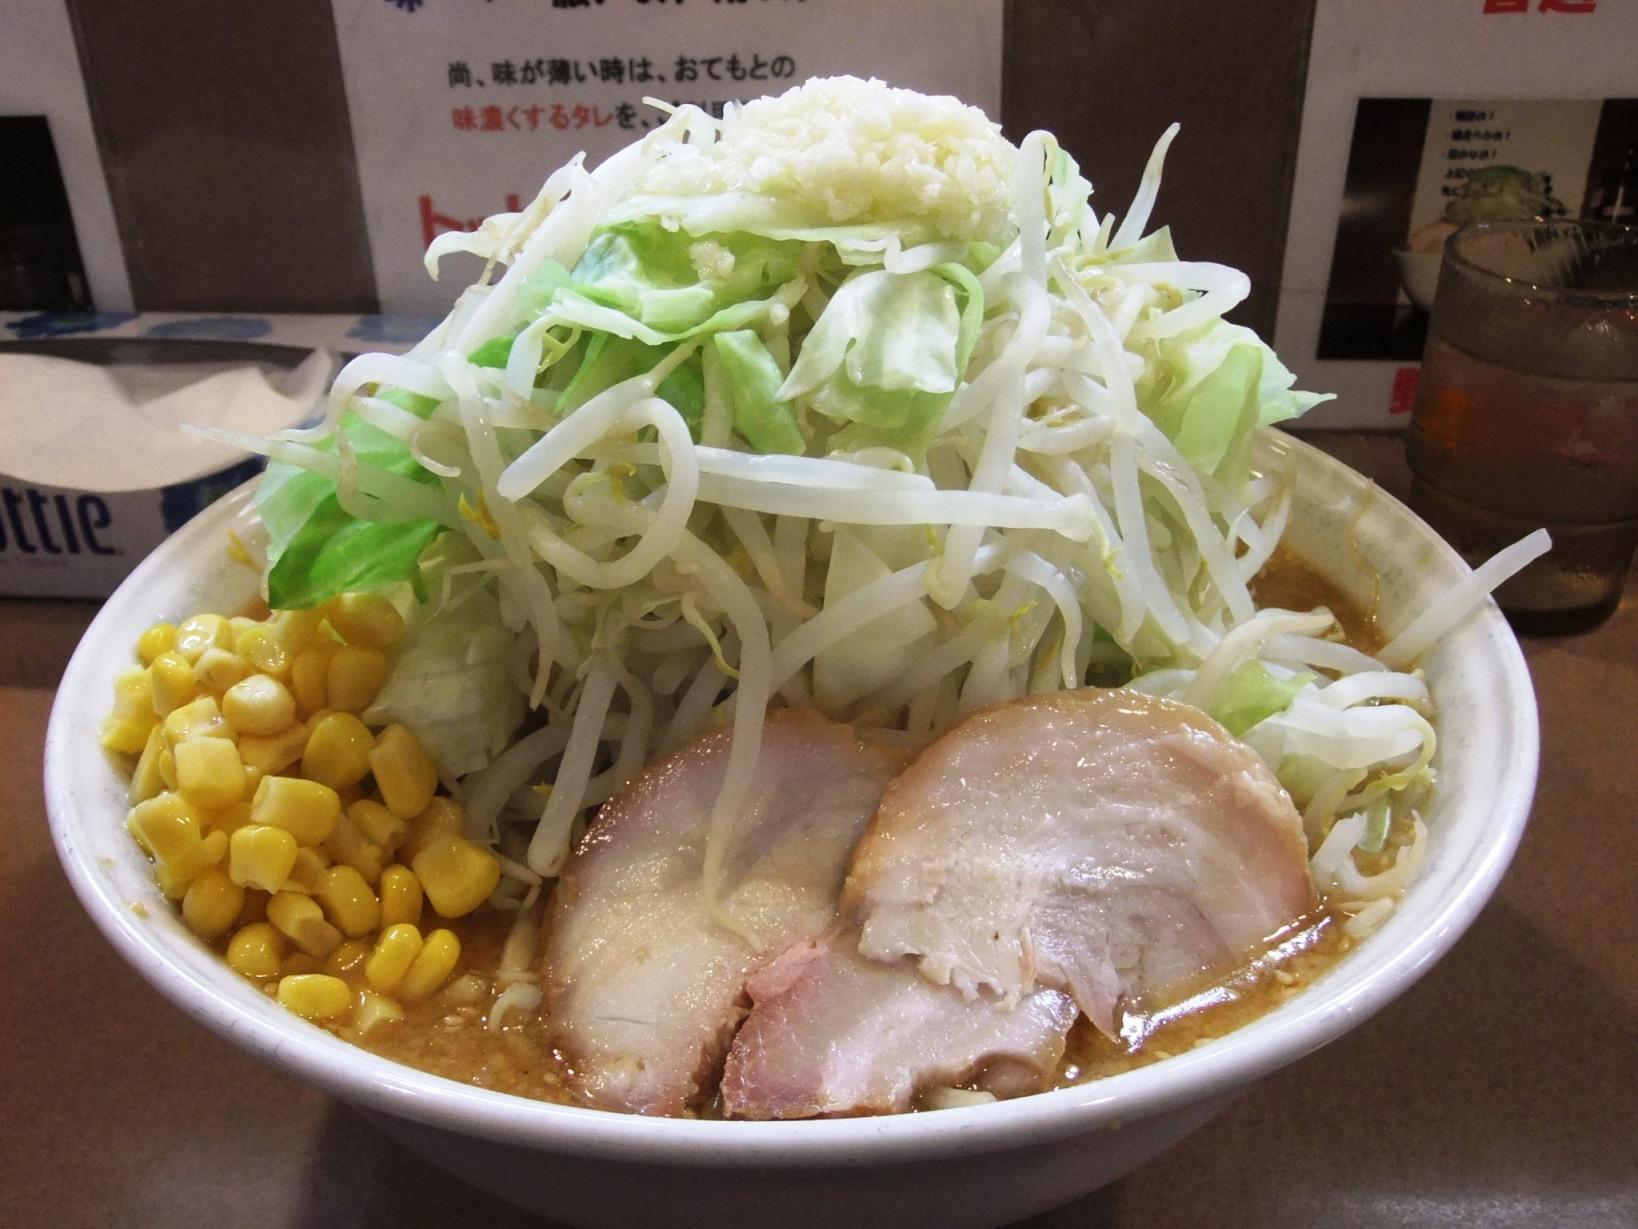 ラーメン どん:大味噌ラーメン(ヤサイマシマシニンニクアブラ) 10.08.08